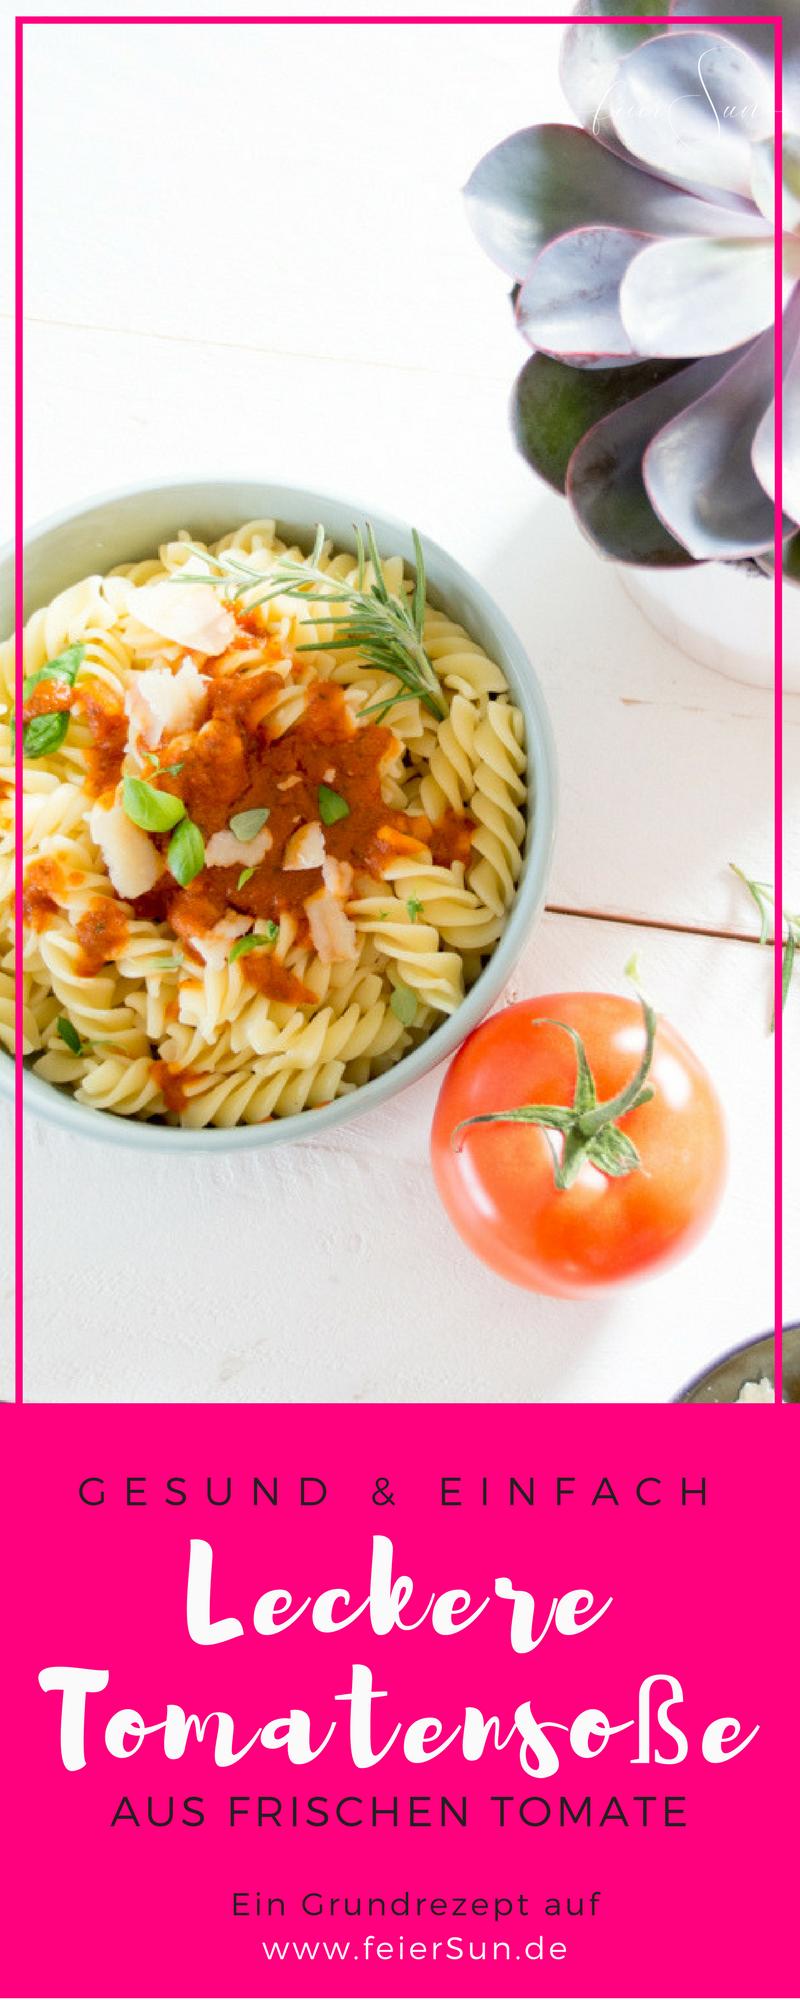 Die leckerste Tomatensauce der Welt selber und sogar haltbar machen? Ich zeige Dir wie das geht. Tomatensoße auf frischen Tomaten. Denn schnell muss nicht immer ungesund sein. // (M)ein super einfaches #Rezept auf #feierSun